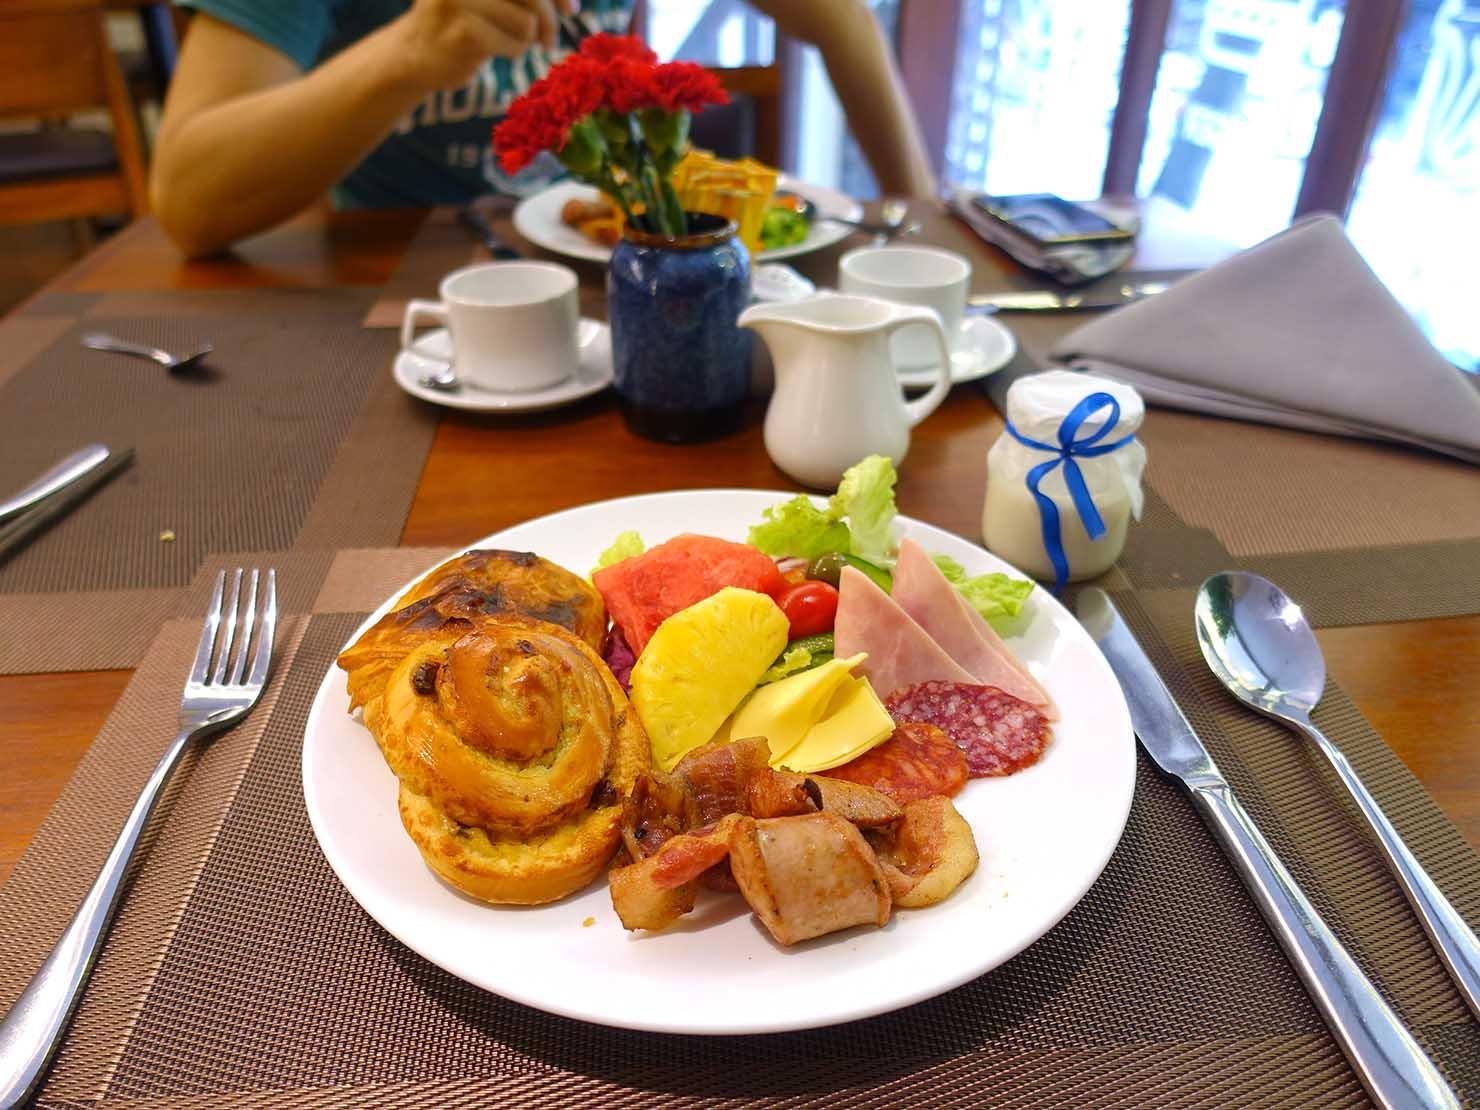 ハノイ旧市街ど真ん中の観光に便利なおすすめホテル「Hai Bay Hotel」2Fレストランの洋食ビュッフェ